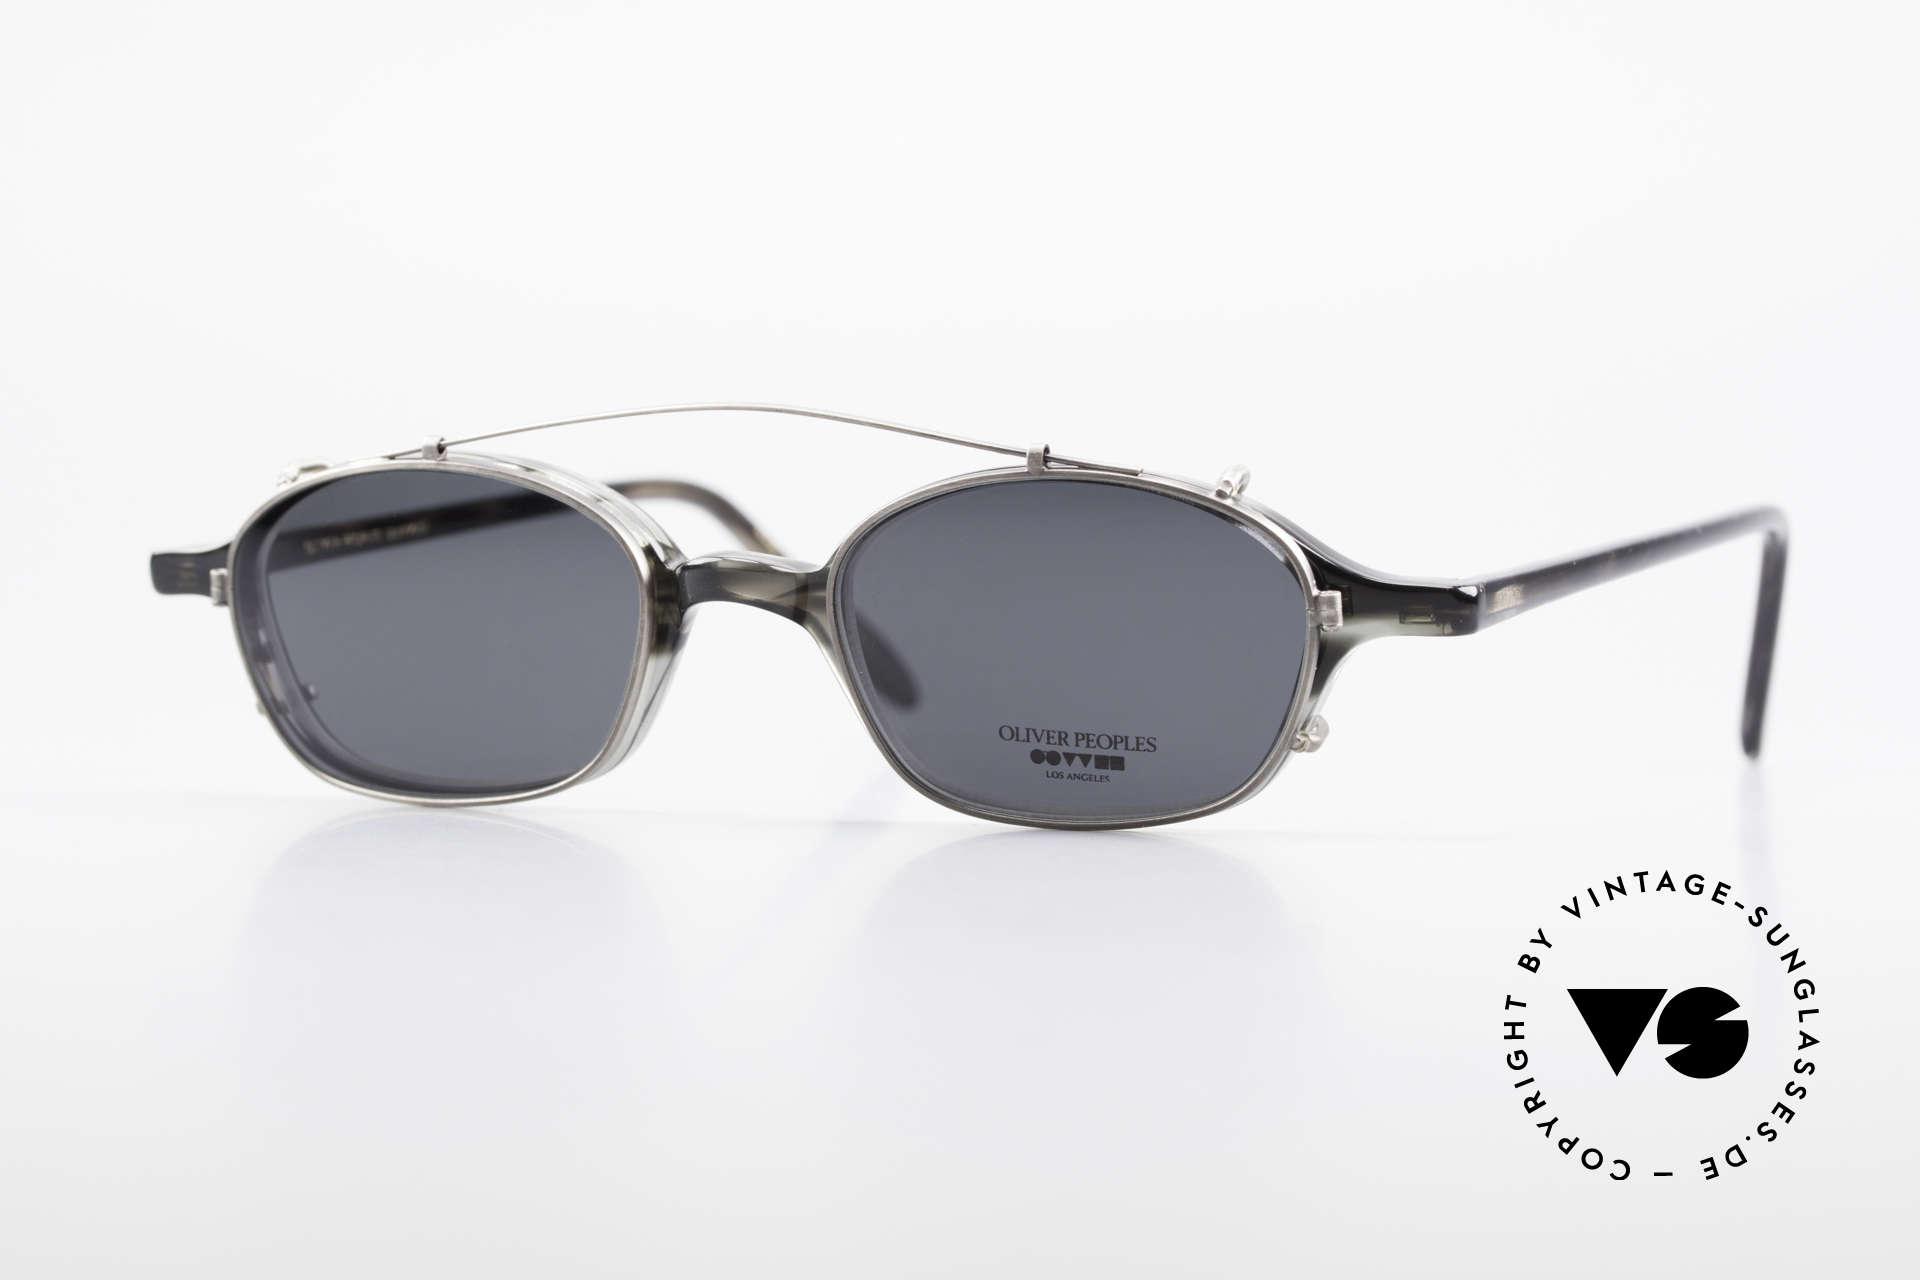 Oliver Peoples OP561 Vintage 90er Brille Mit Clip, vintage Oliver Peoples Designerbrille der späten 90er, Passend für Herren und Damen